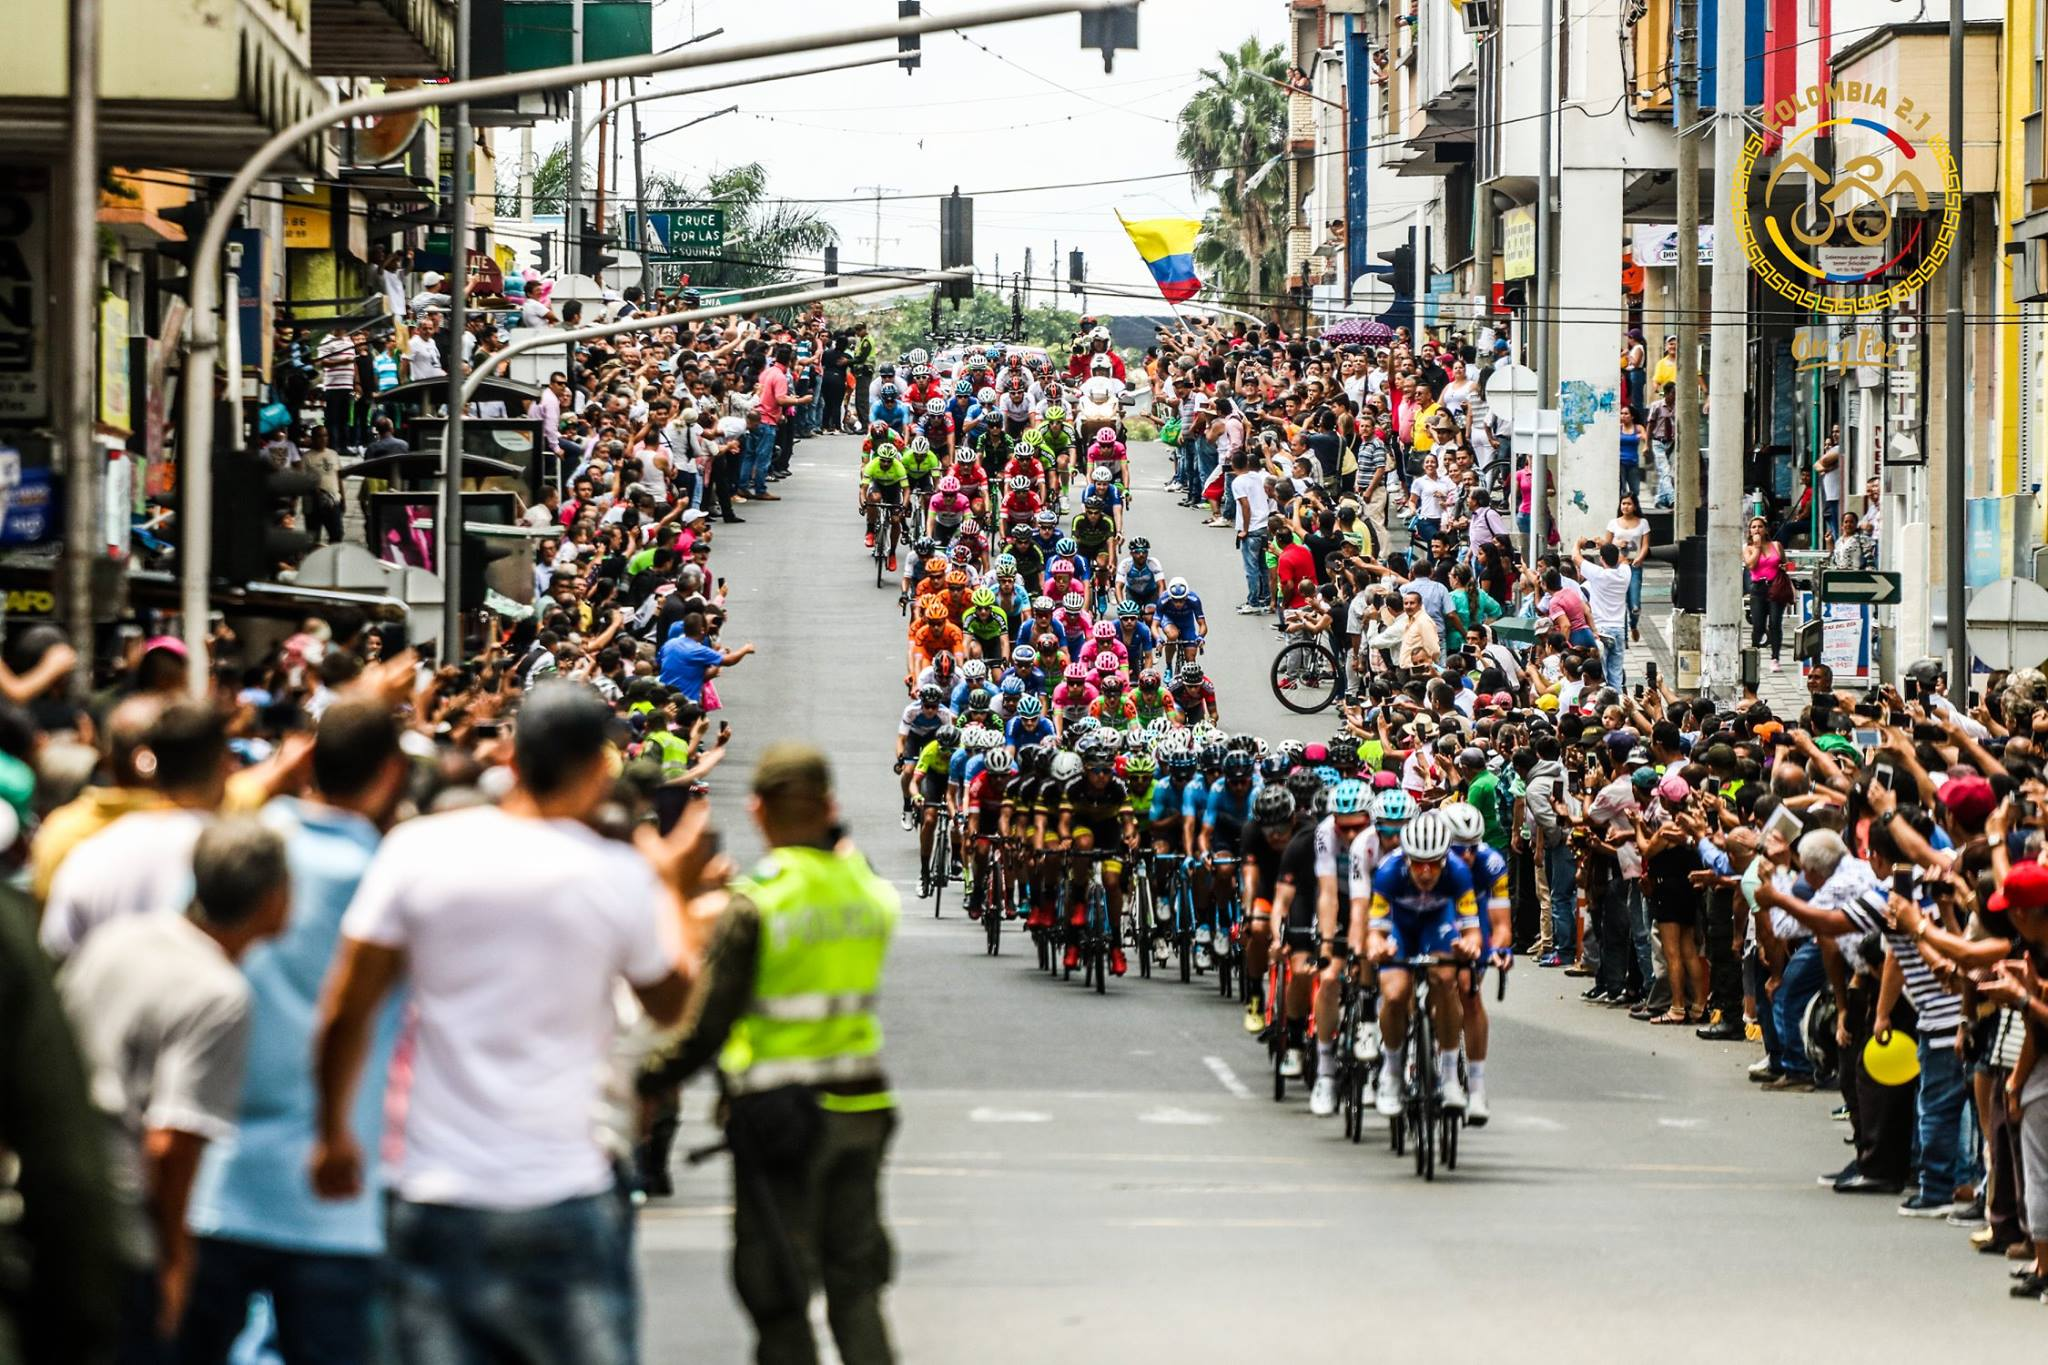 大勢の観客が並ぶコロンビアの街を抜ける